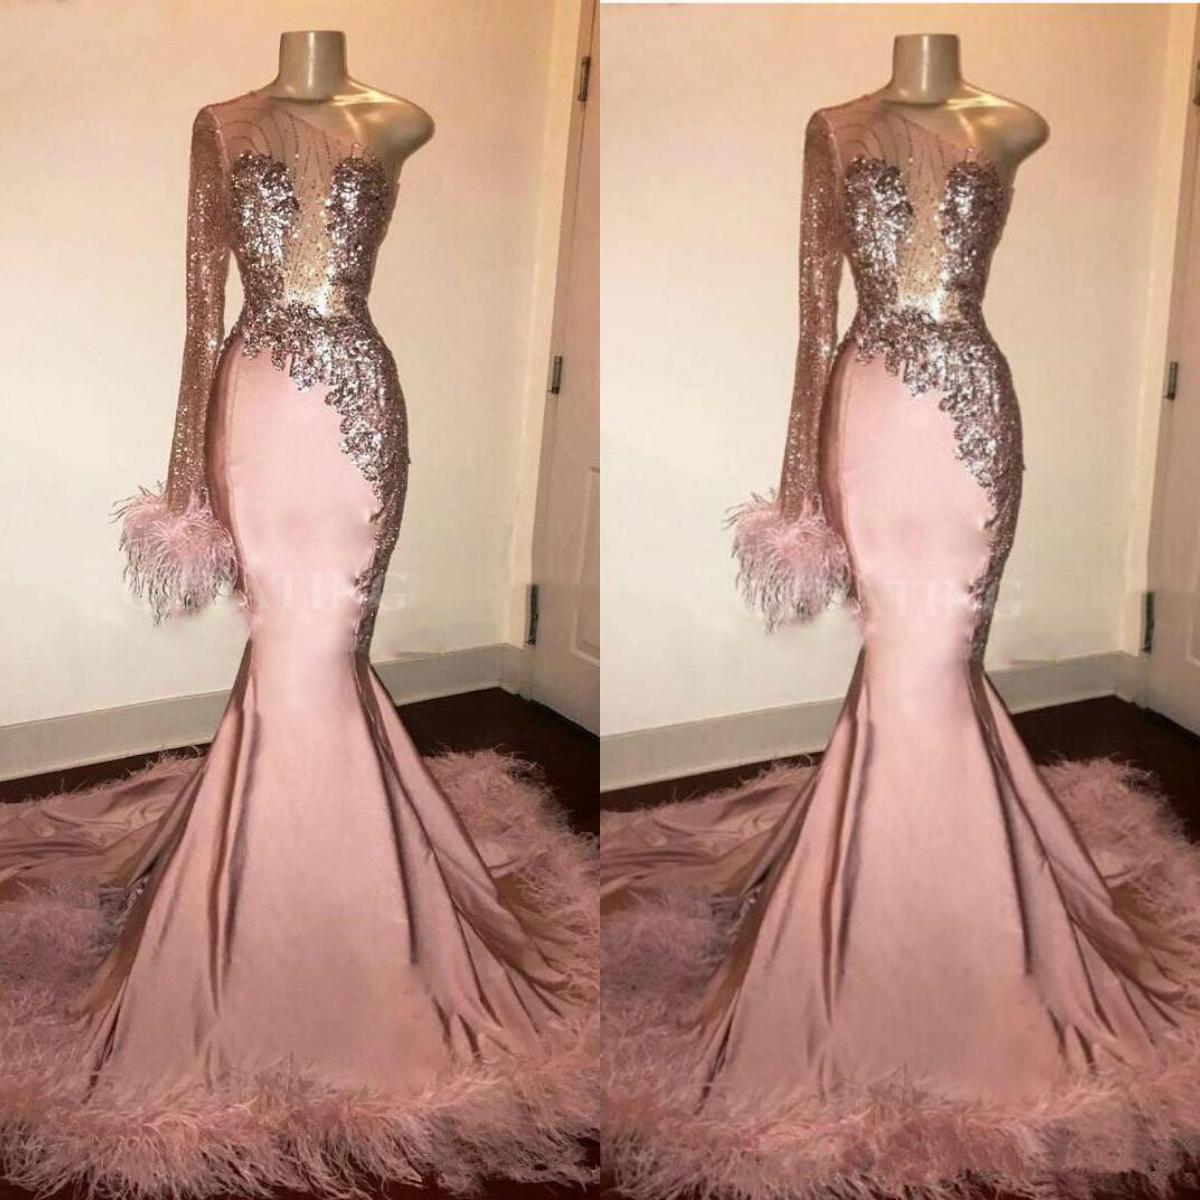 Glitzer-Pailletten-Abendkleid lange Hülse Mermaid Rosa schwarze Mädchen mit  Federn Zug einer Schulter African formalen Abendkleider vestido